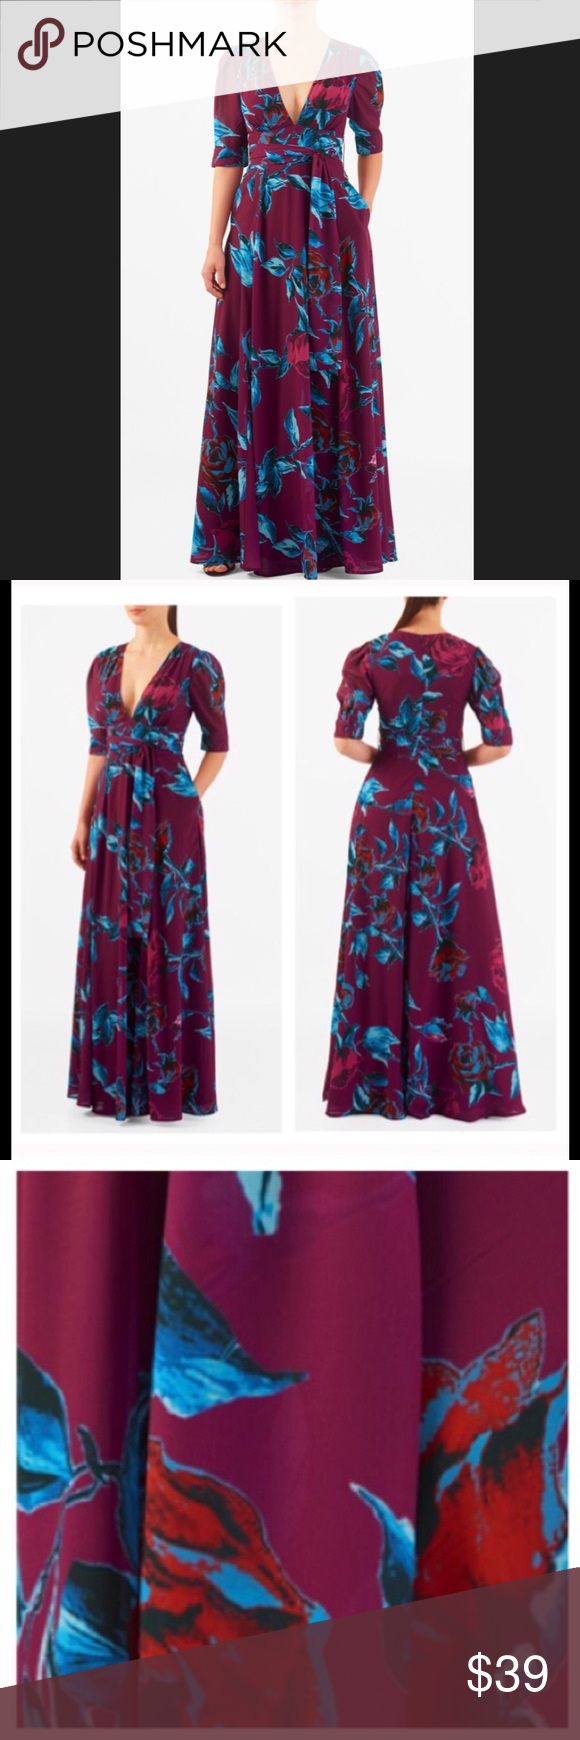 New eshakti magenta floral fit flare dress xl fit flare dress